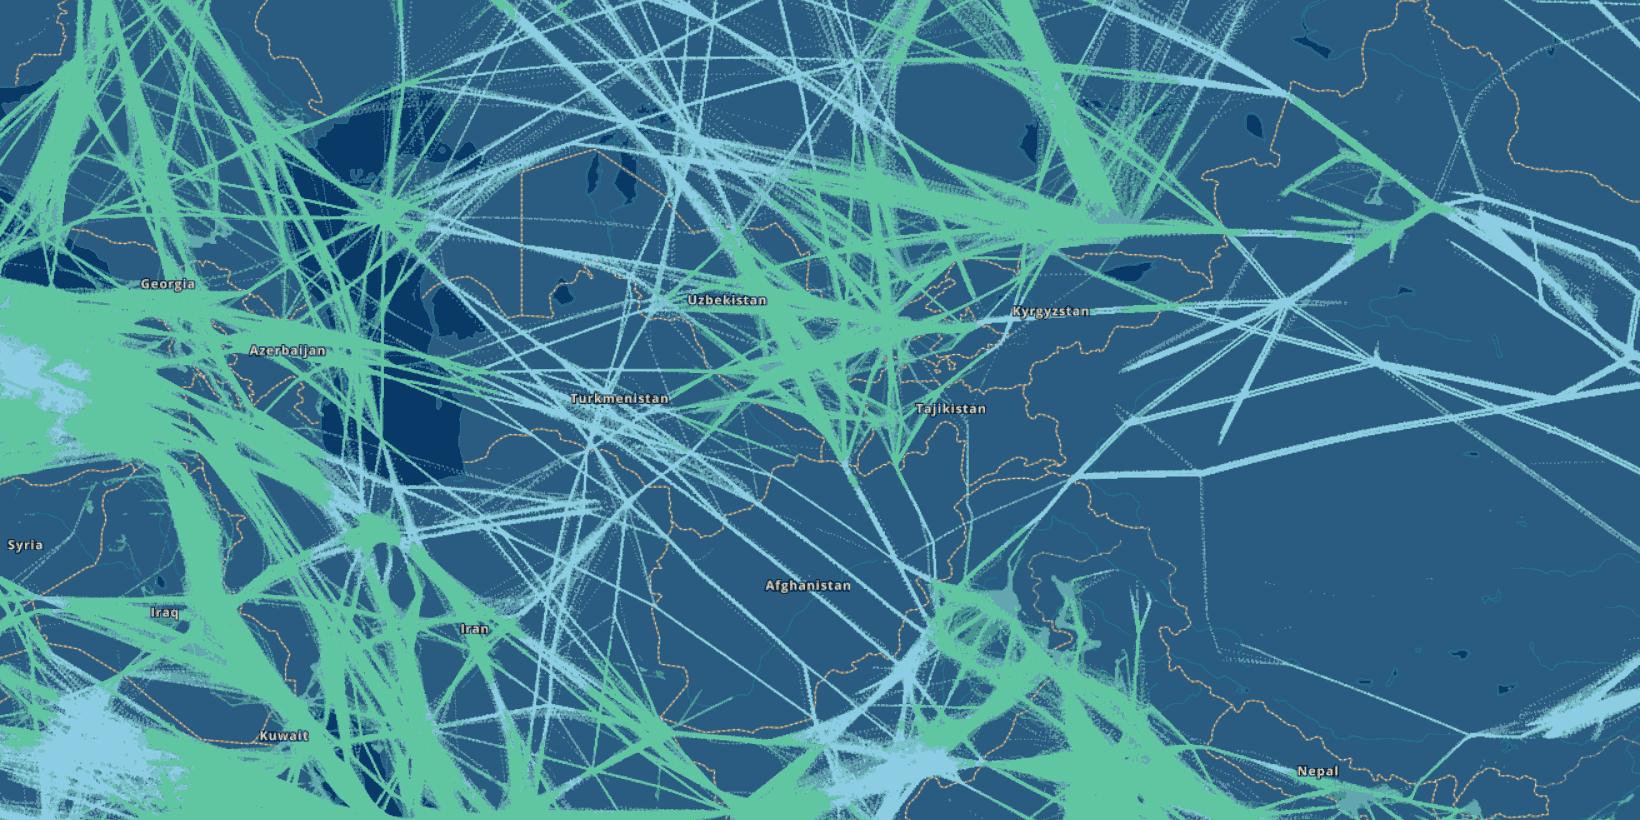 В 2018 году стало возможно непрерывно отслеживать самолеты в любой точке мира - 7